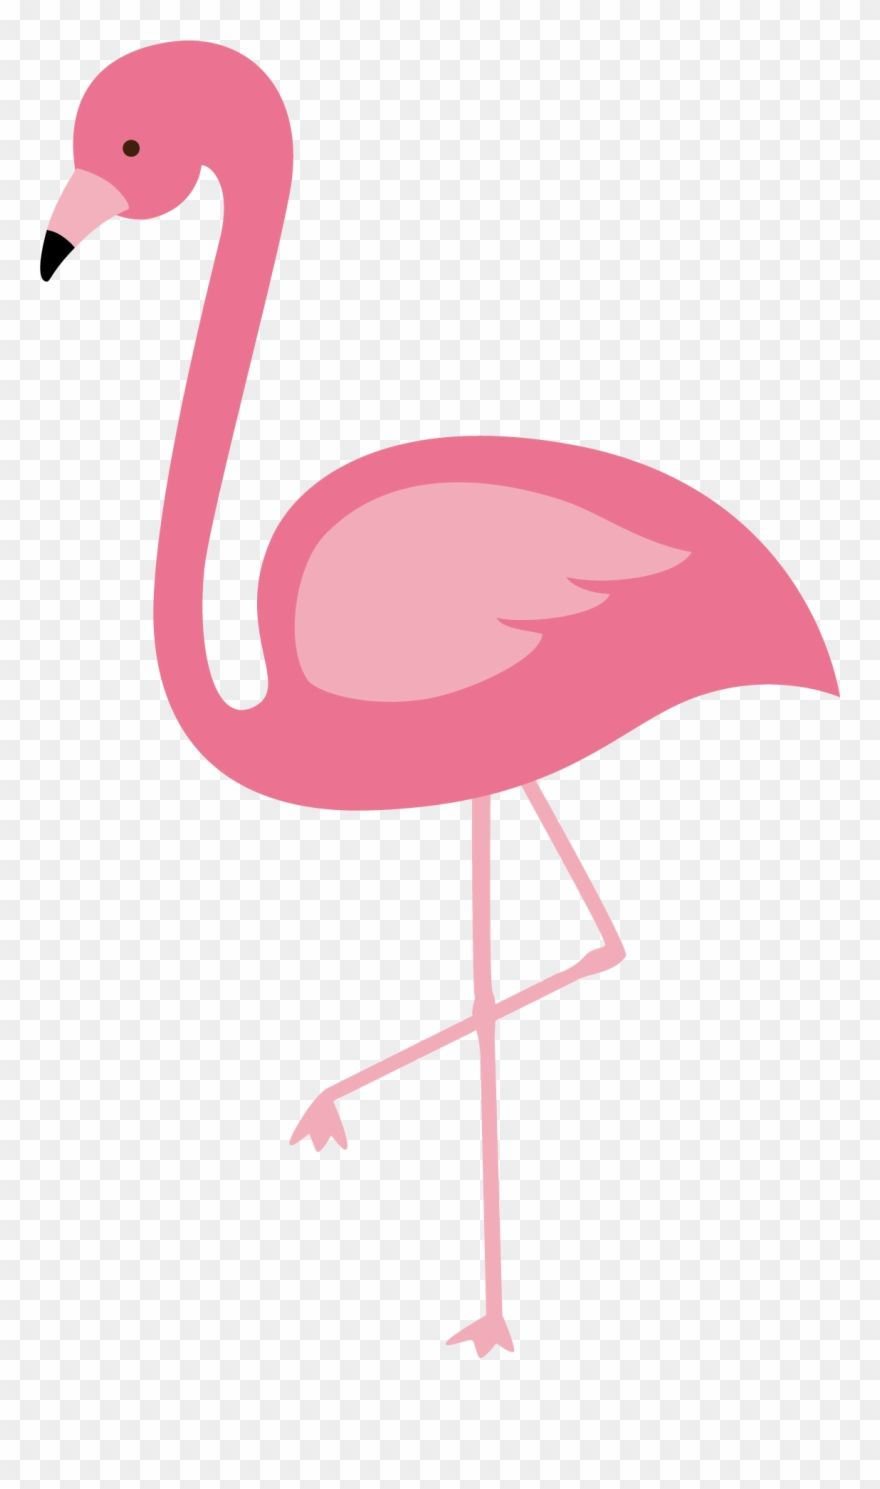 Flamingo Clipart Pink Flamingo Vector Flamingo Png Transparent Png 798503 Is A Creative Clipart Download The T Flamingo Vector Flamingo Clip Art Flamingo